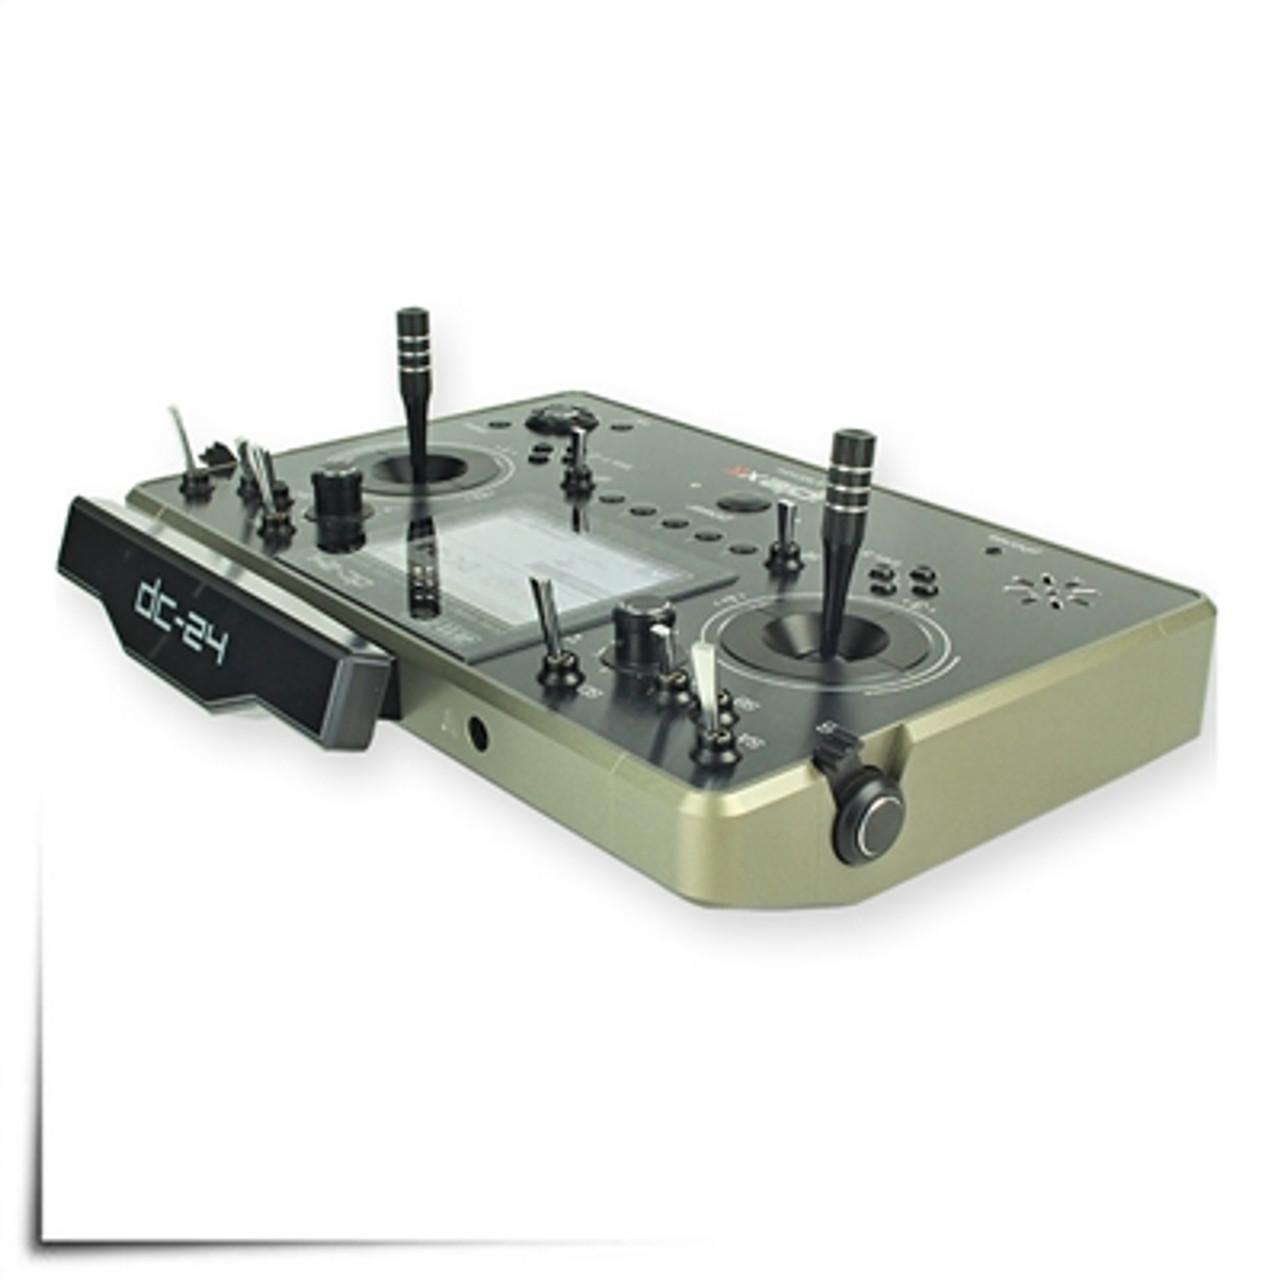 Jeti Duplex DC-24 2 4GHz/900MHz w/Telemetry Transmitter Only Radio